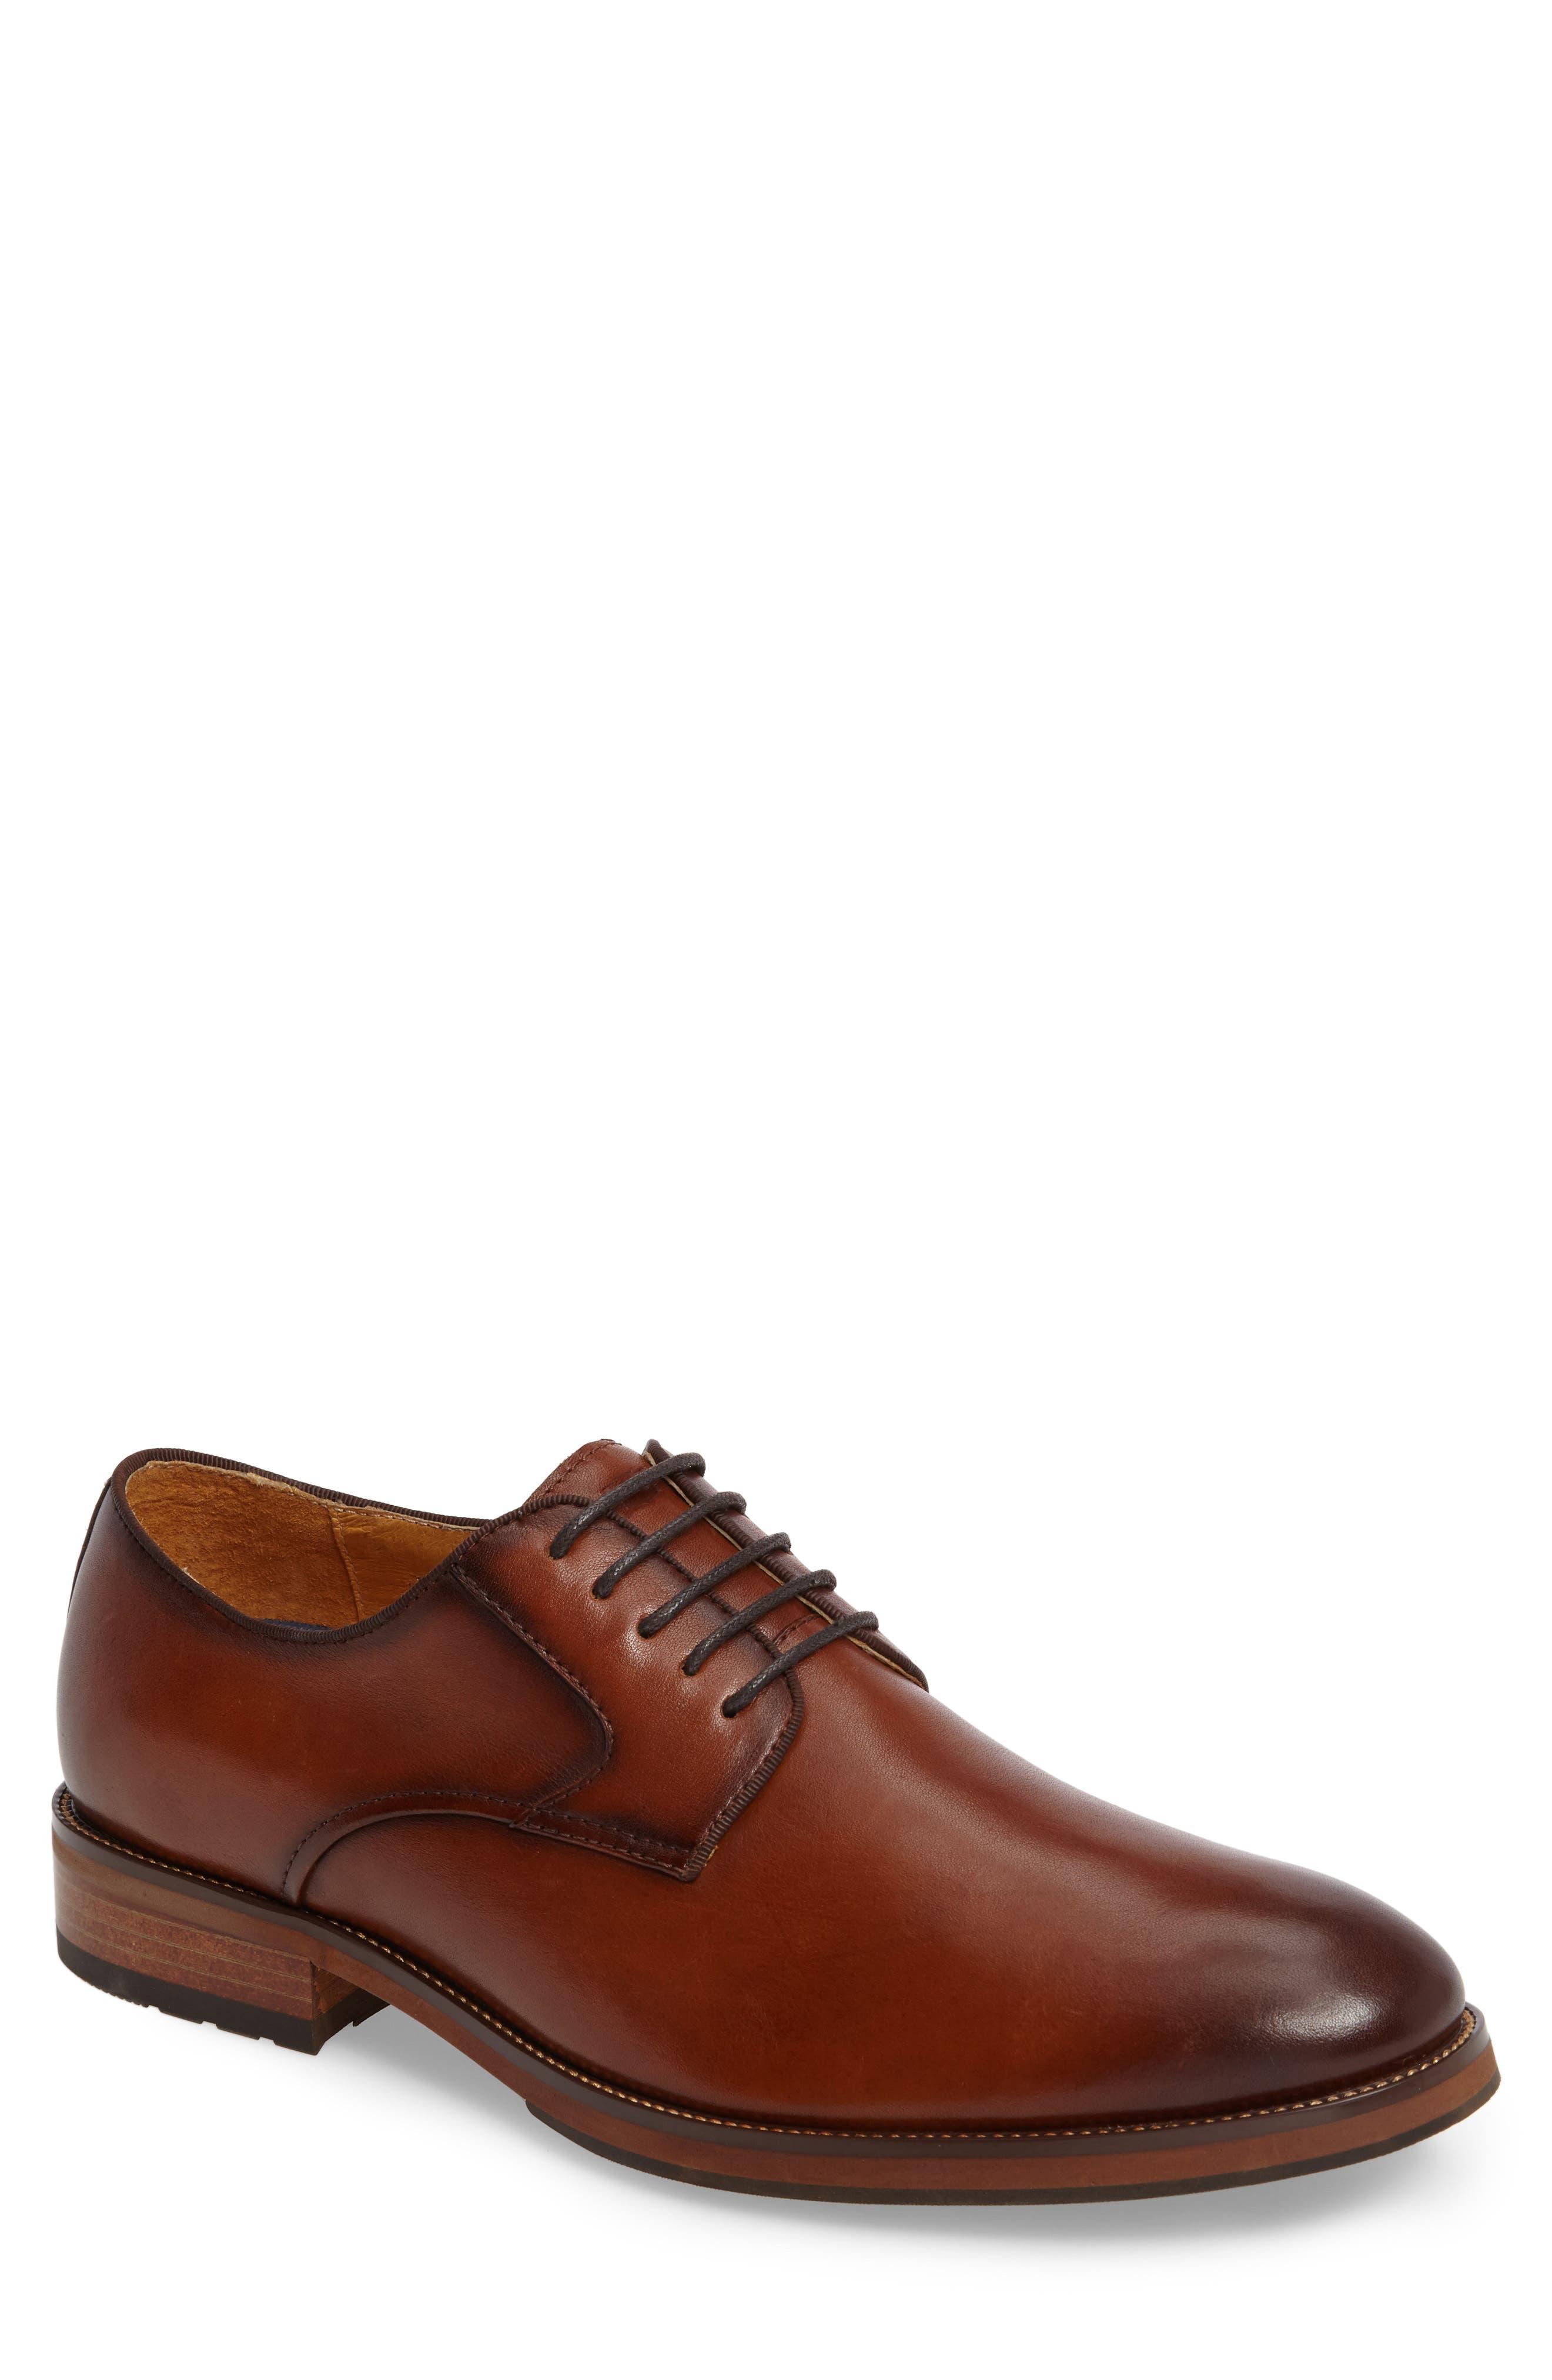 Blaze Plain Toe Derby,                             Main thumbnail 1, color,                             Cognac Leather